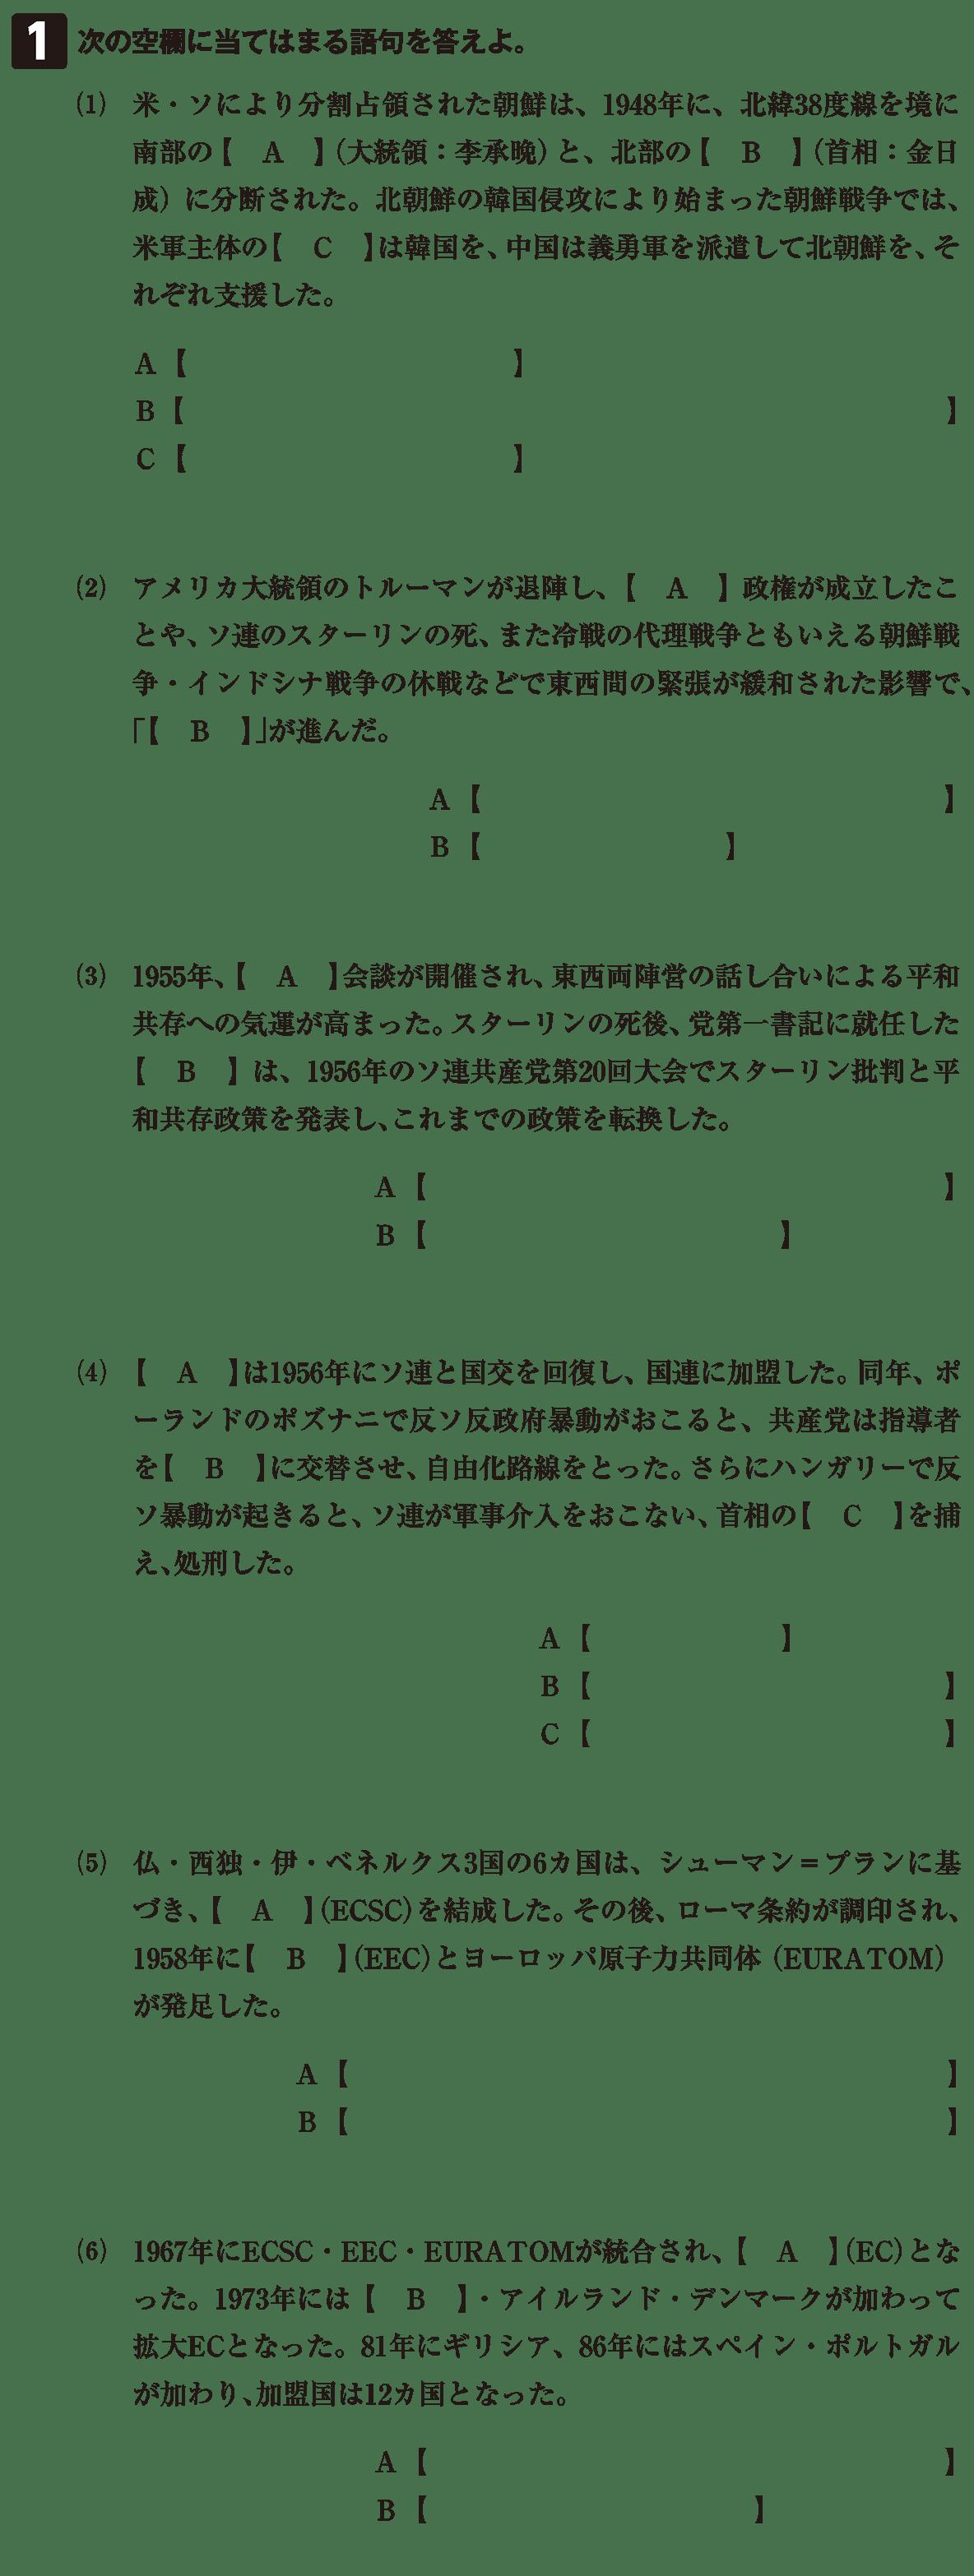 冷戦の激化と西欧・日本の経済復興5 確認テスト(前半)